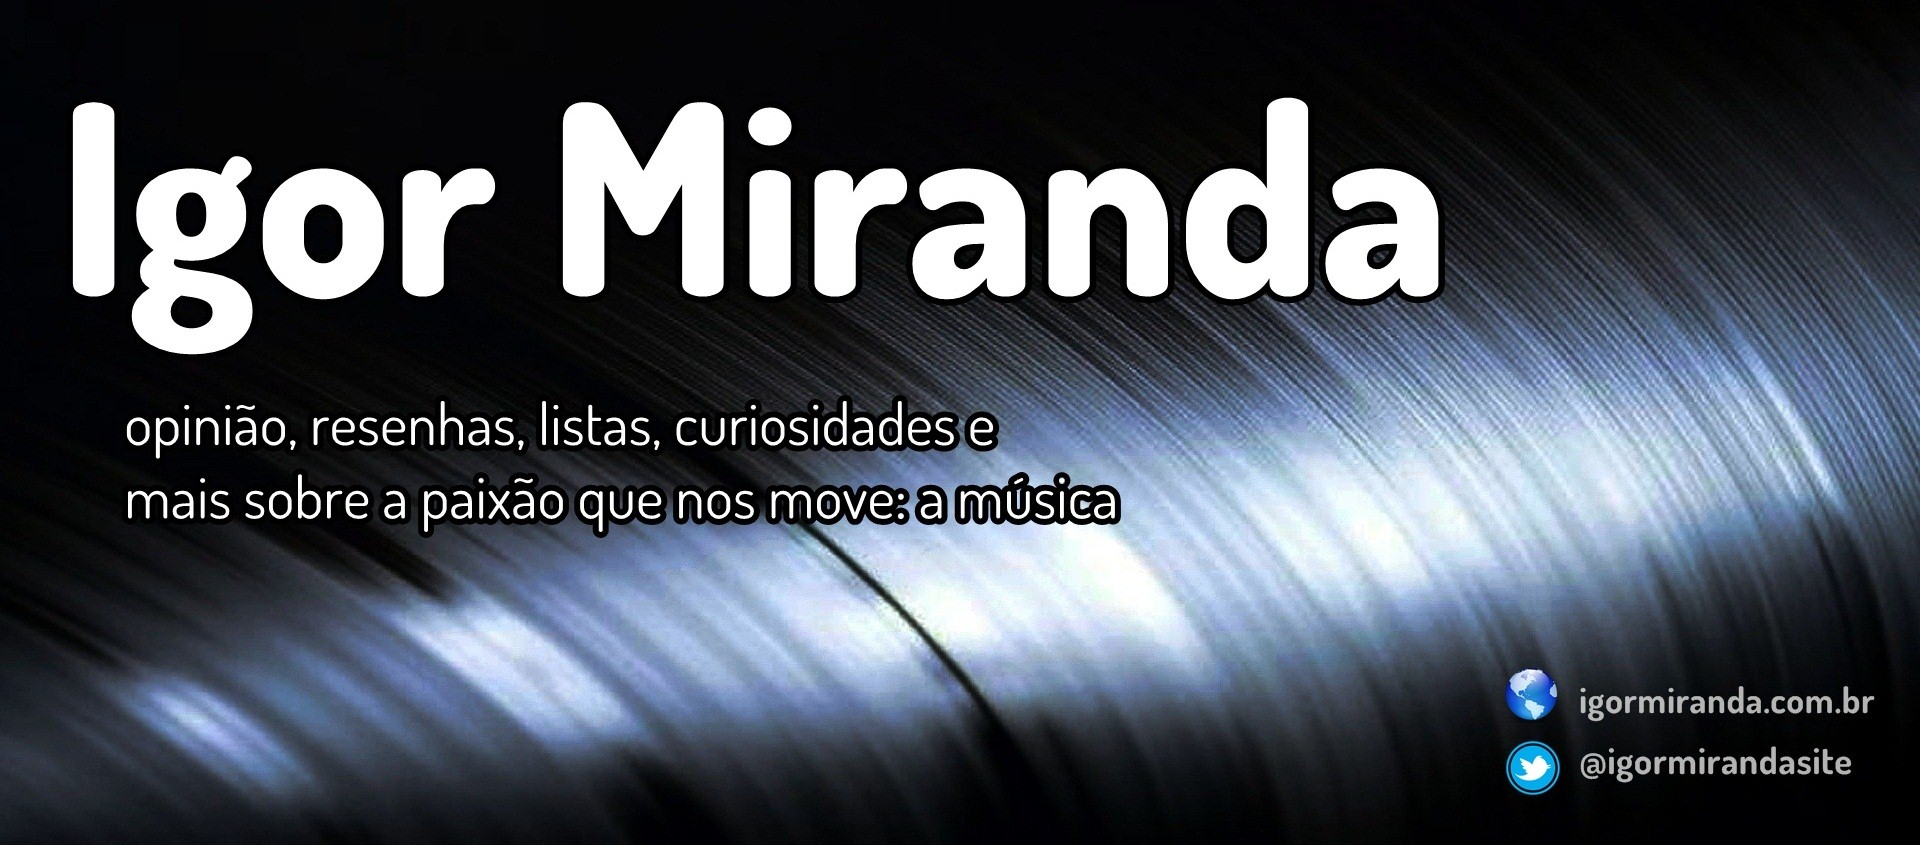 Igor Miranda